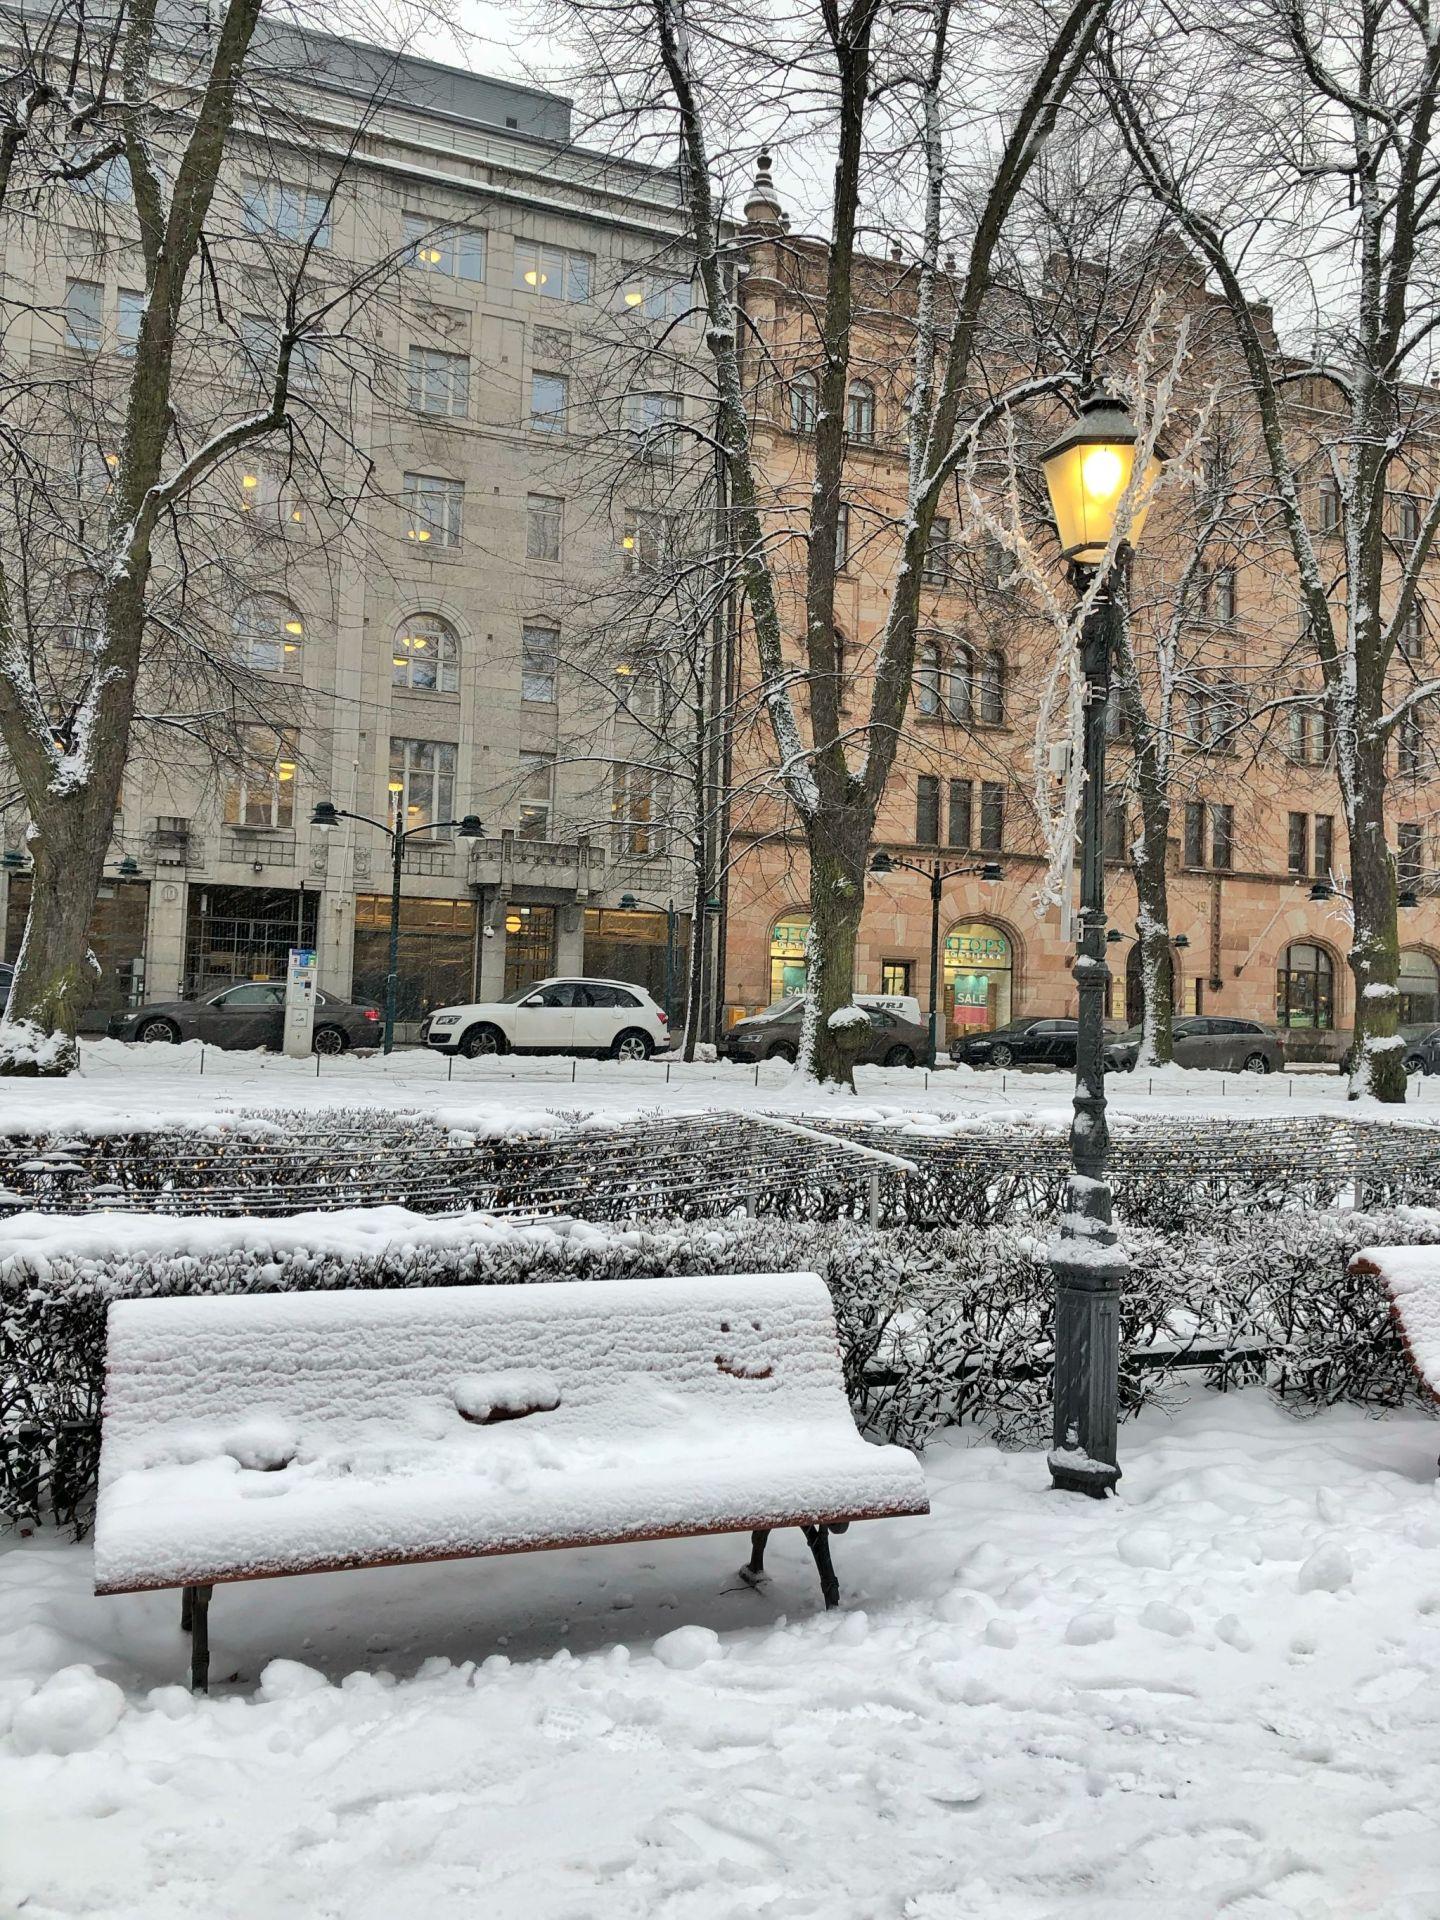 Snowy bench in Helsinki